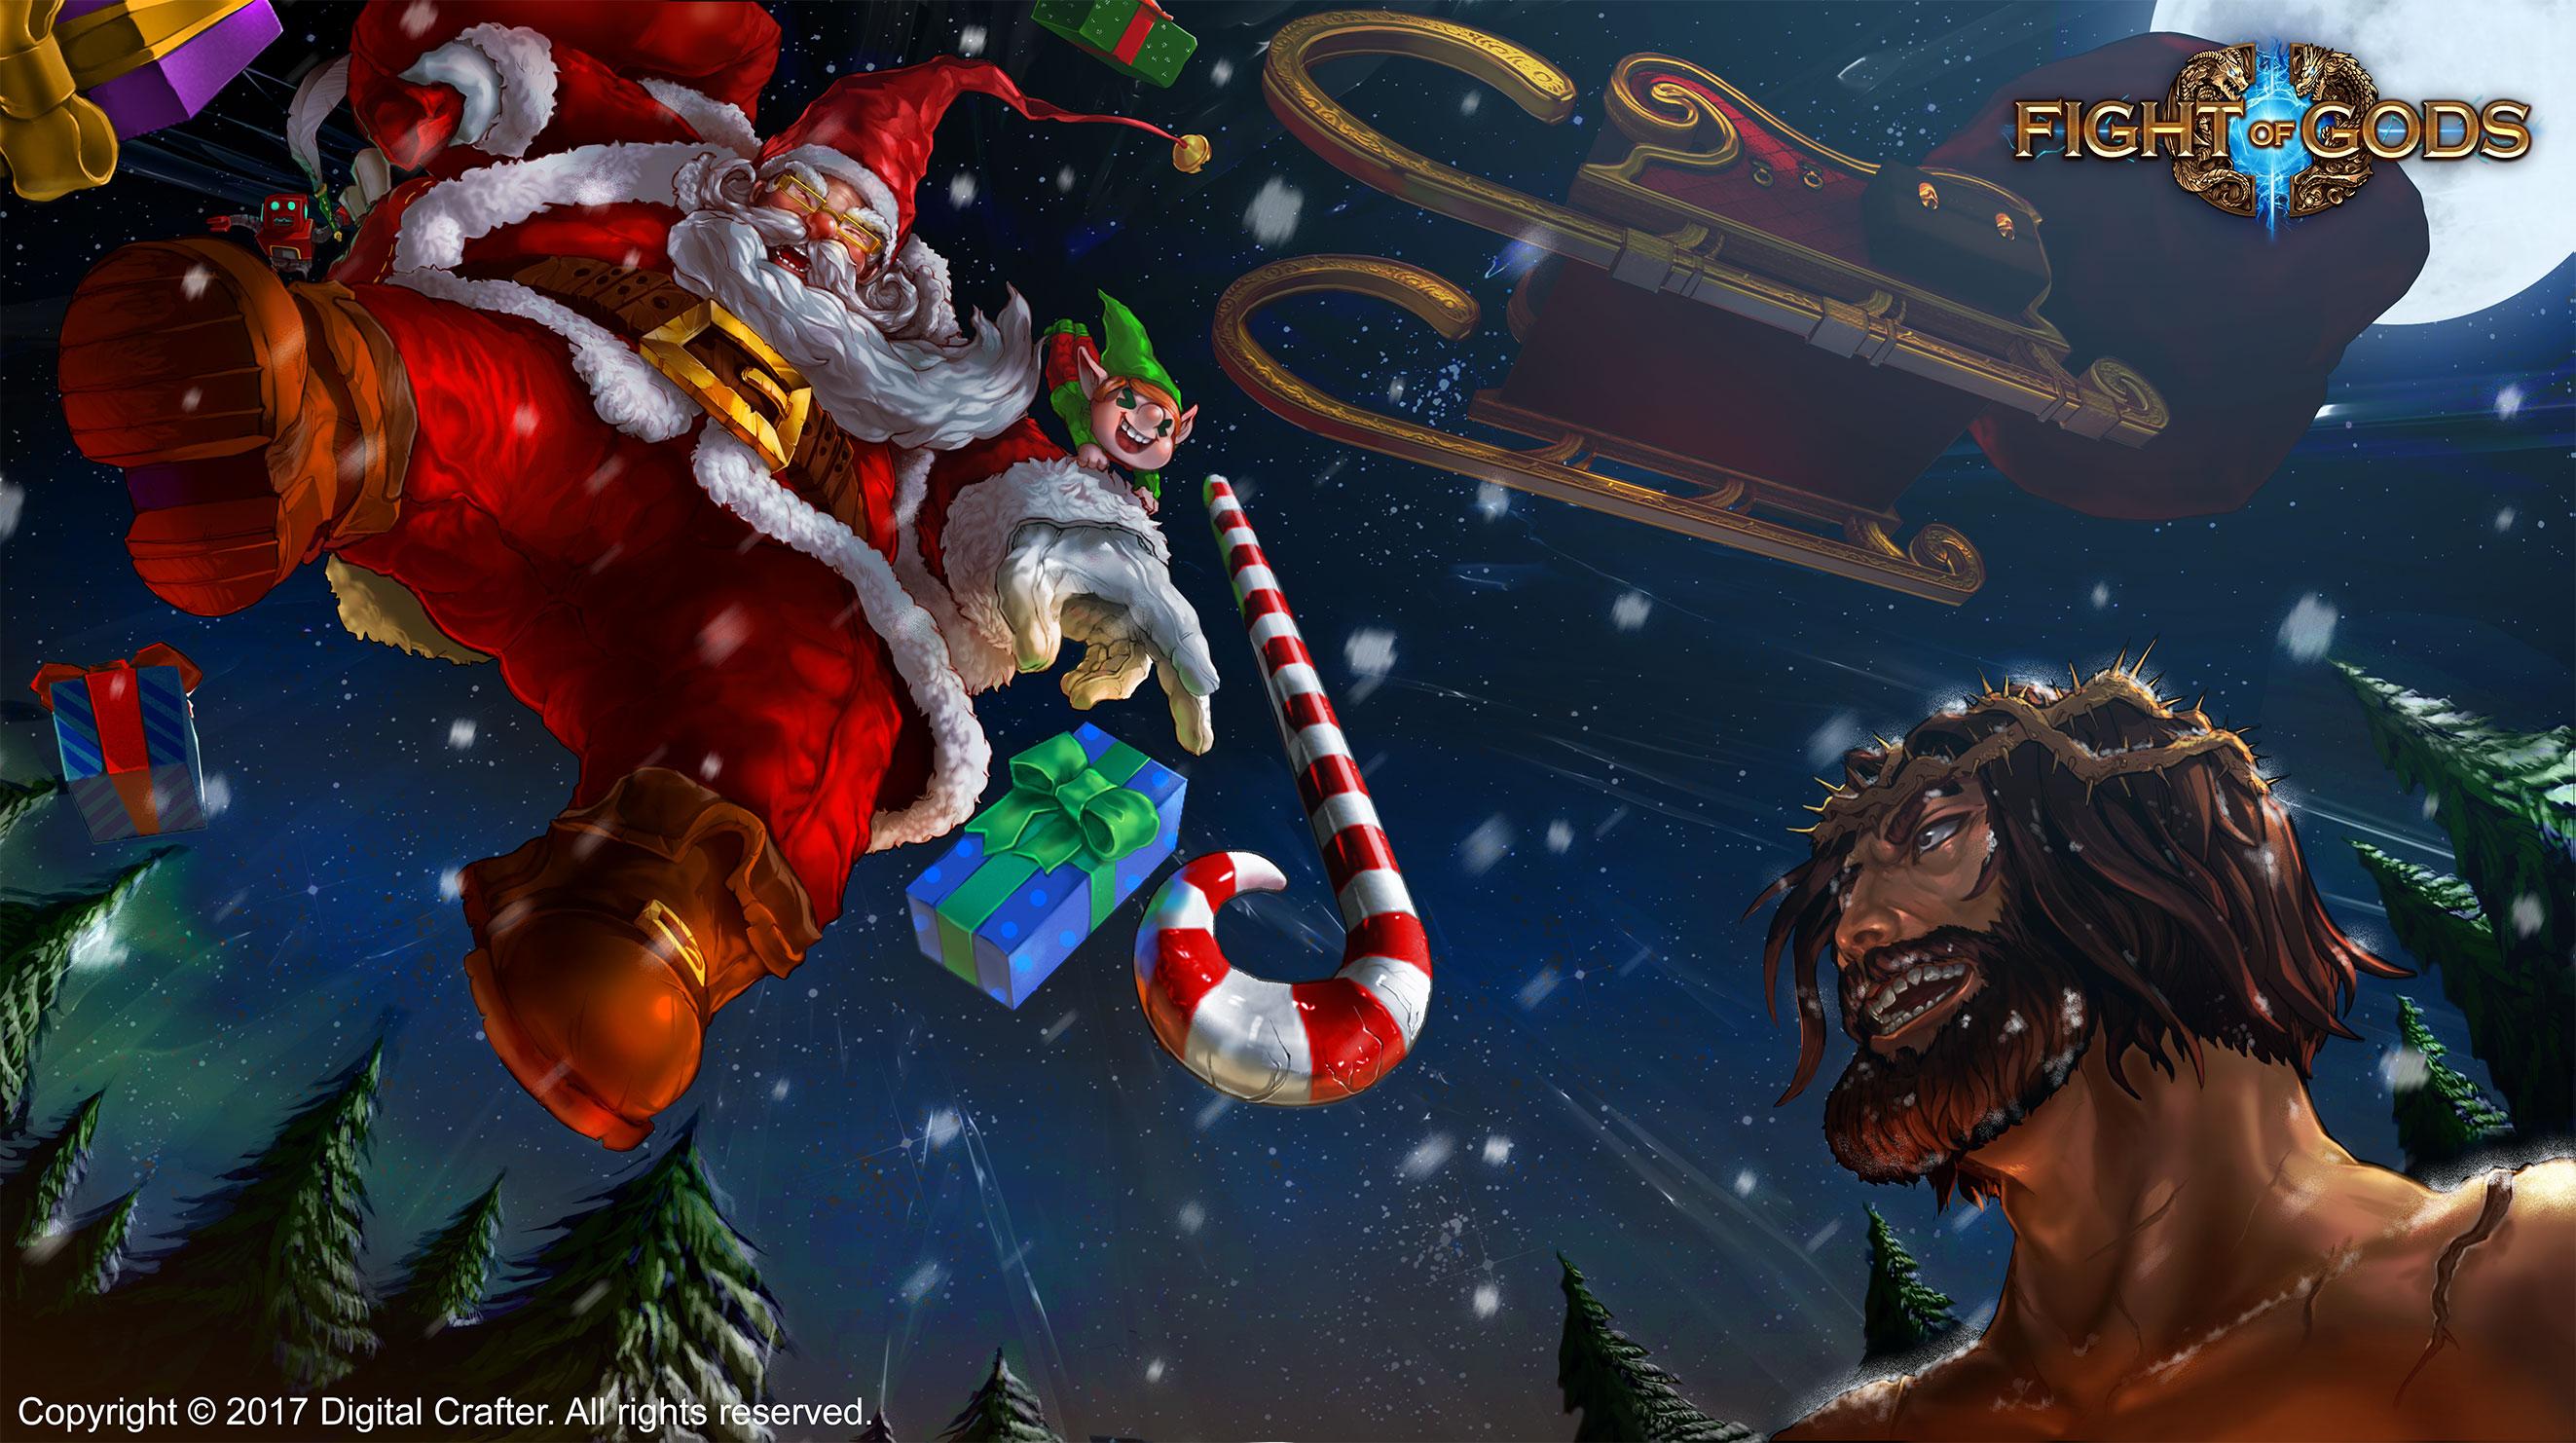 fight of gods roster adds santa santa vs jesus trailer released - Santa And Jesus